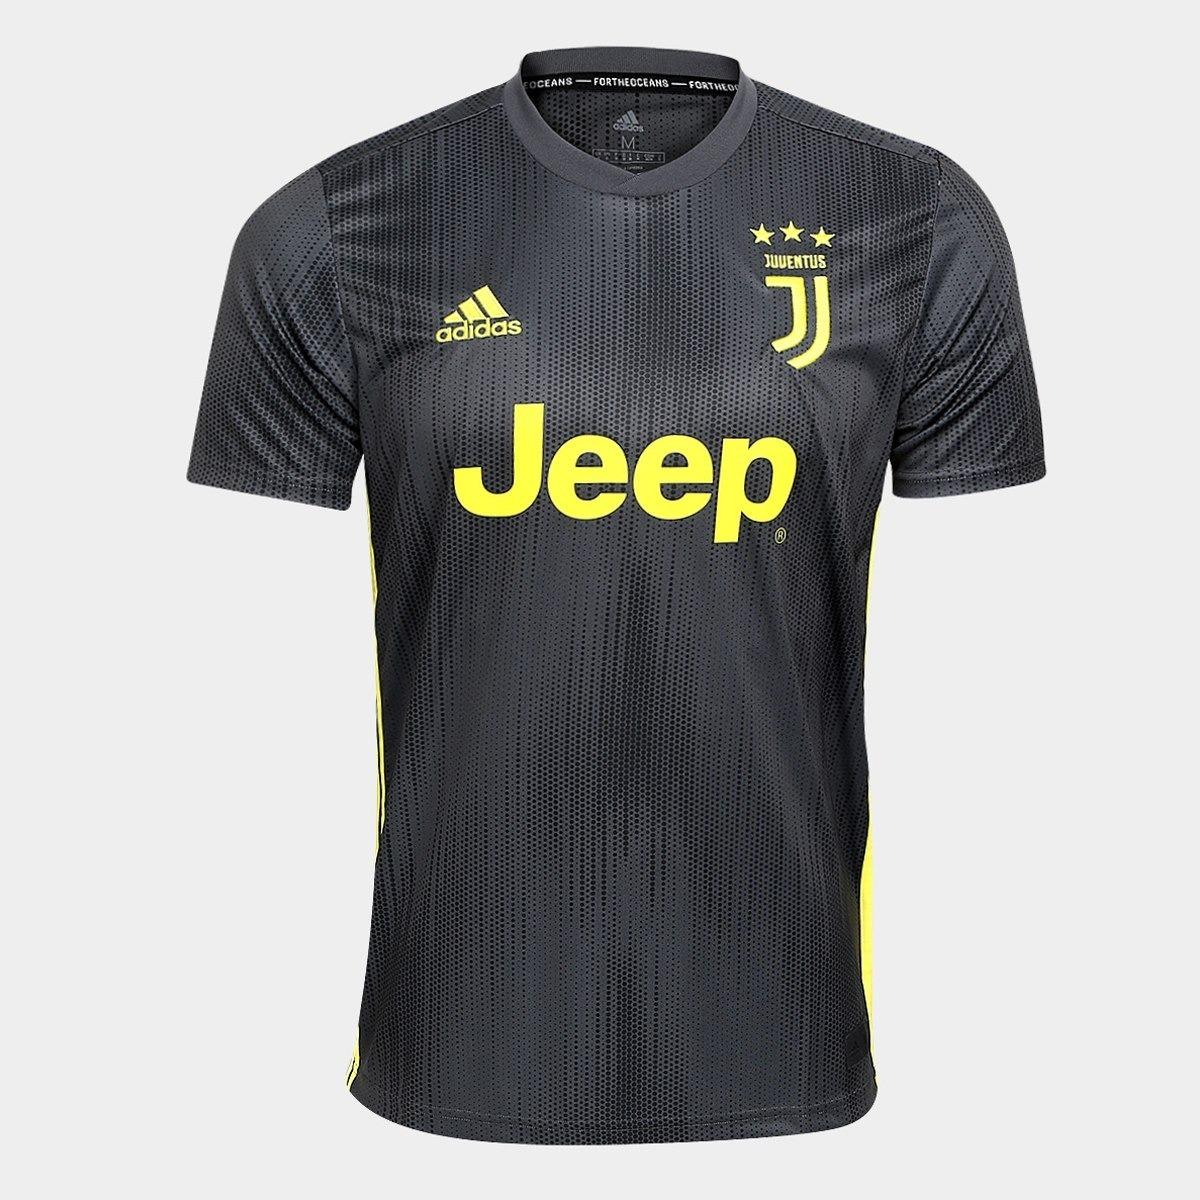 c1cfe4ba8 camisa juventus home 2018-2019 - cristiano ronaldo - cr7. Carregando zoom.